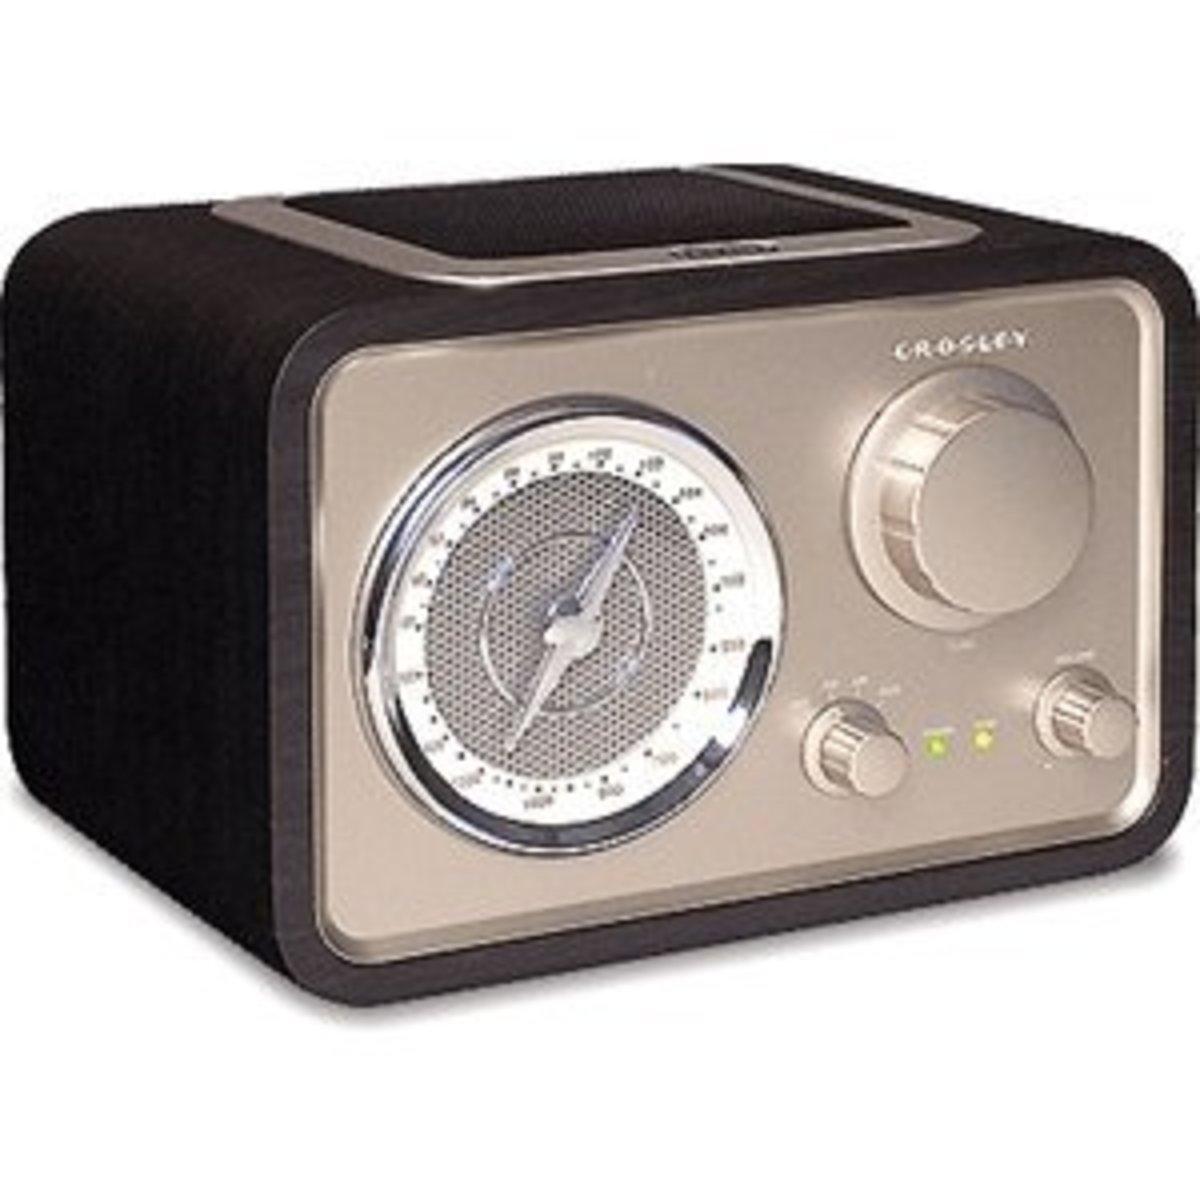 Crosley Solo Radio CR221